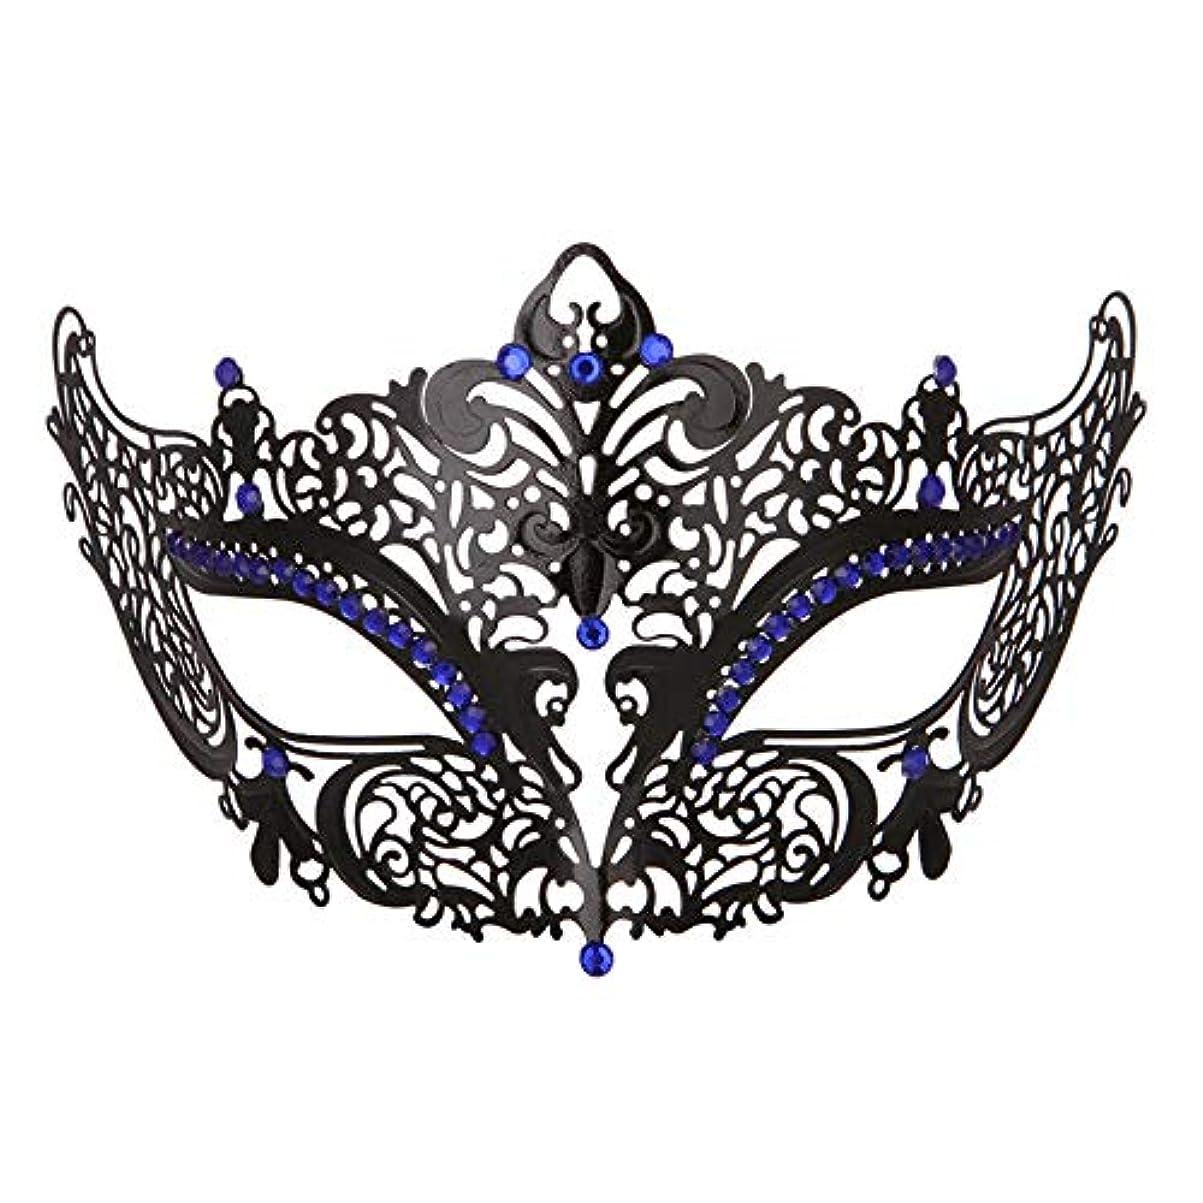 故意に罰するジャンルダンスマスク 高級金属鉄マスク女性美少女中空ハーフフェイスファッションナイトクラブパーティー仮面舞踏会マスク ホリデーパーティー用品 (色 : 青, サイズ : 19x8cm)